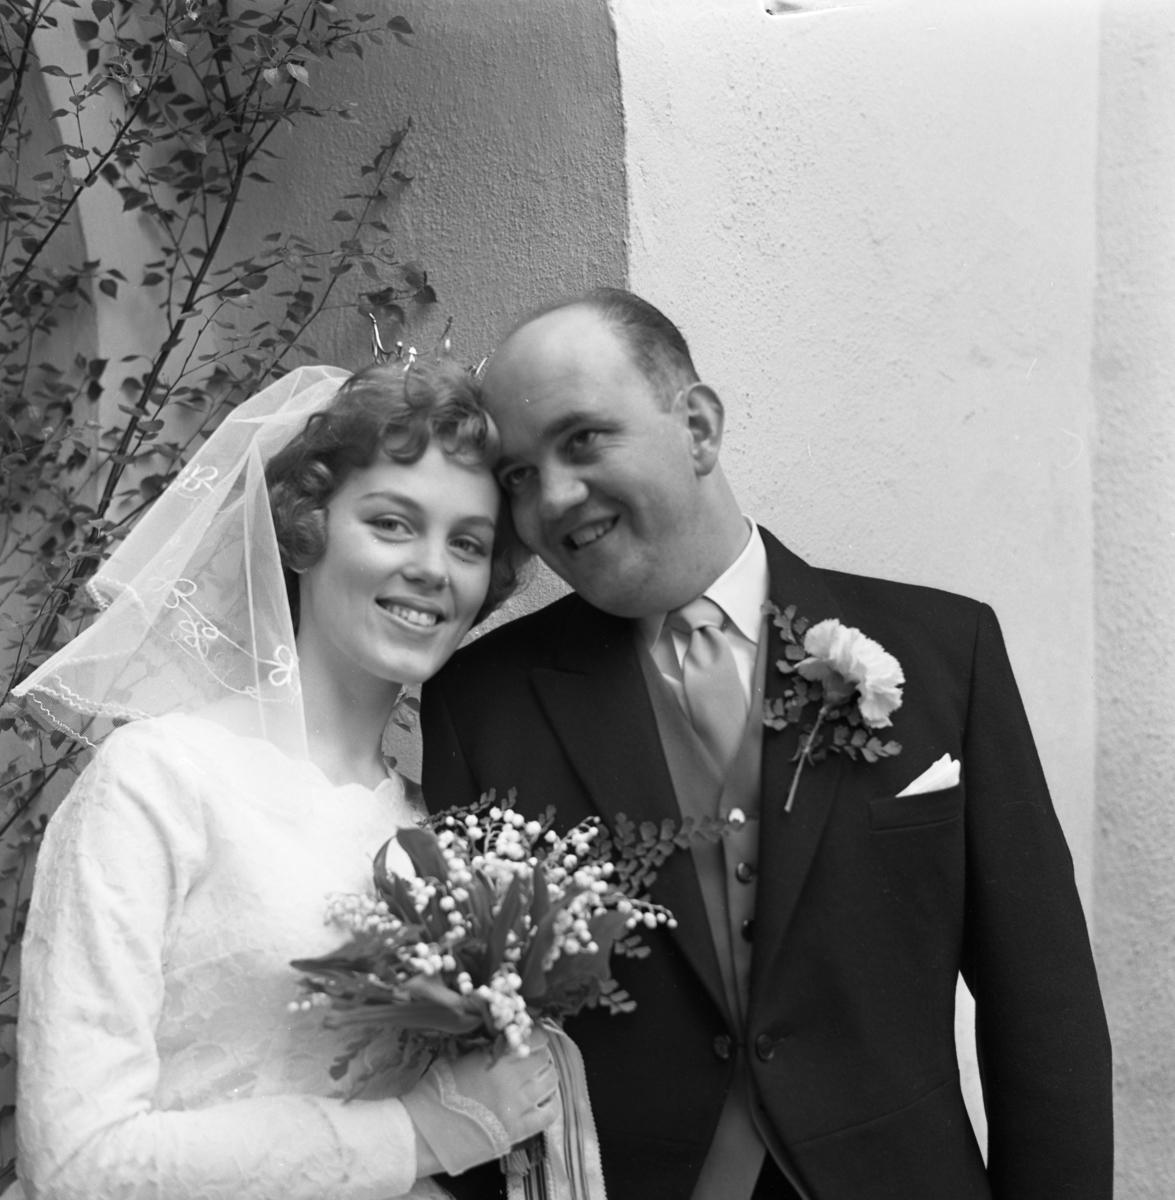 Margareta Einarsson och Rune Ström har gift sig i Heliga Trefaldighetskyrkan. Här ses brudparet vid den lövade kyrkporten. Bruden bär slöja, krona och handskar. Brudbuketten består av liljekonvaljer. Brudgummen har en nejlika på frackslaget. Porträtt.